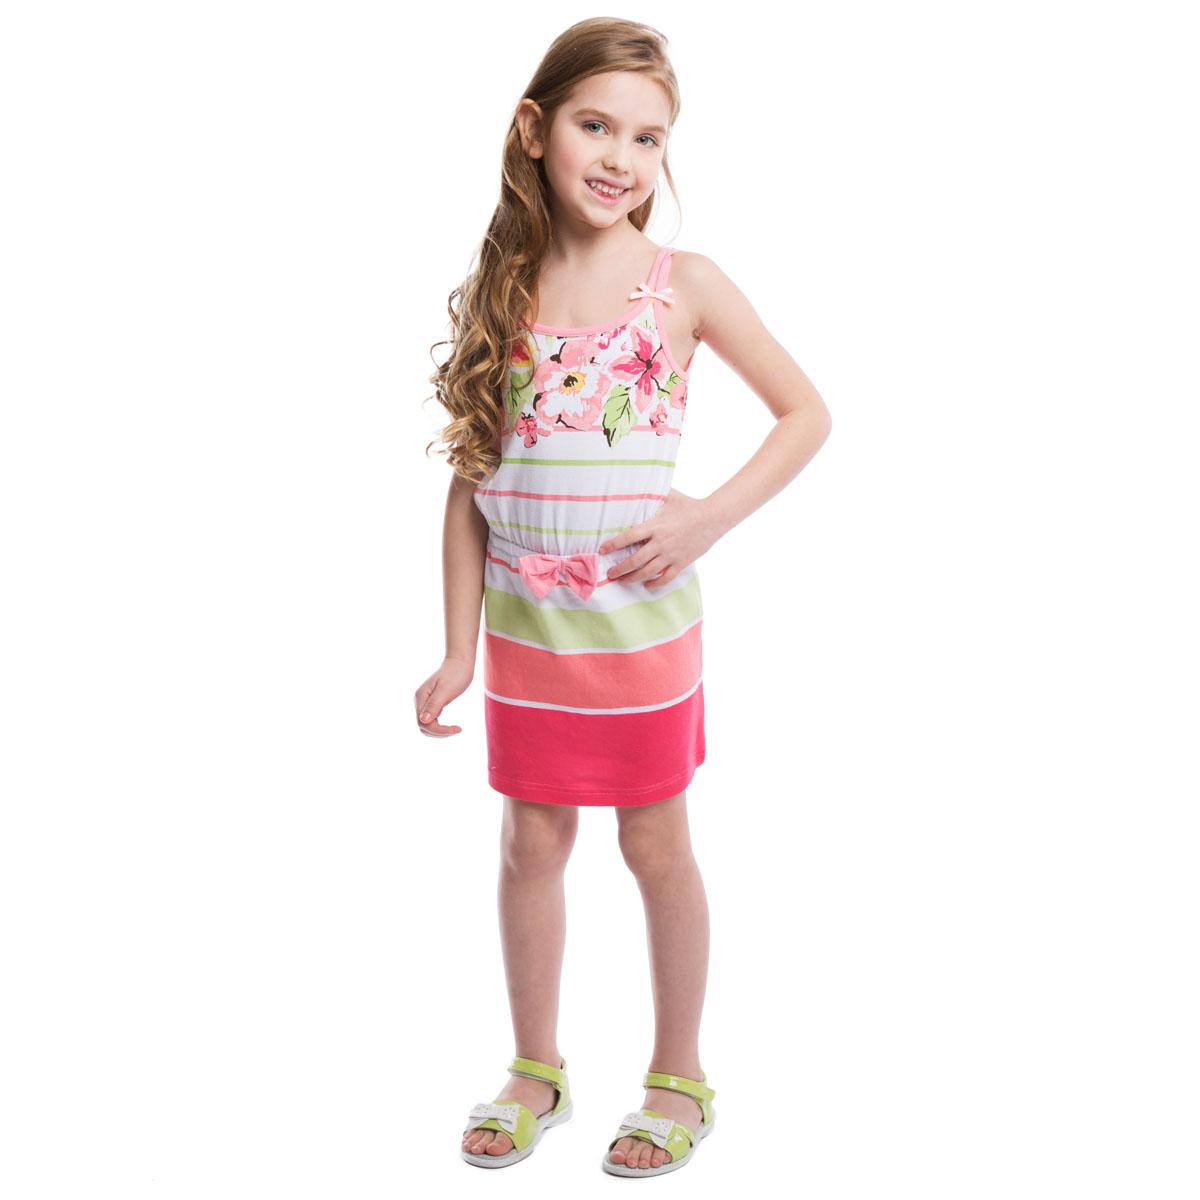 Сарафан262018Очаровательный сарафан для девочки PlayToday идеально подойдет вашей маленькой моднице. Изготовленный из эластичного хлопка, он необычайно мягкий и приятный на ощупь, не сковывает движения и позволяет коже дышать, не раздражает даже самую нежную и чувствительную кожу ребенка, обеспечивая наибольший комфорт. Сарафан прямого кроя с тонкими двойными бретелями и круглым вырезом горловины оформлен принтом в полоску и нежным цветочным рисунком. Бретельки декорированы маленькими атласными бантиками. На талии - эластичная скрытая резинка, украшенная трикотажным бантом. Современный дизайн и расцветка делают этот сарафан модным и стильным предметом детского гардероба.